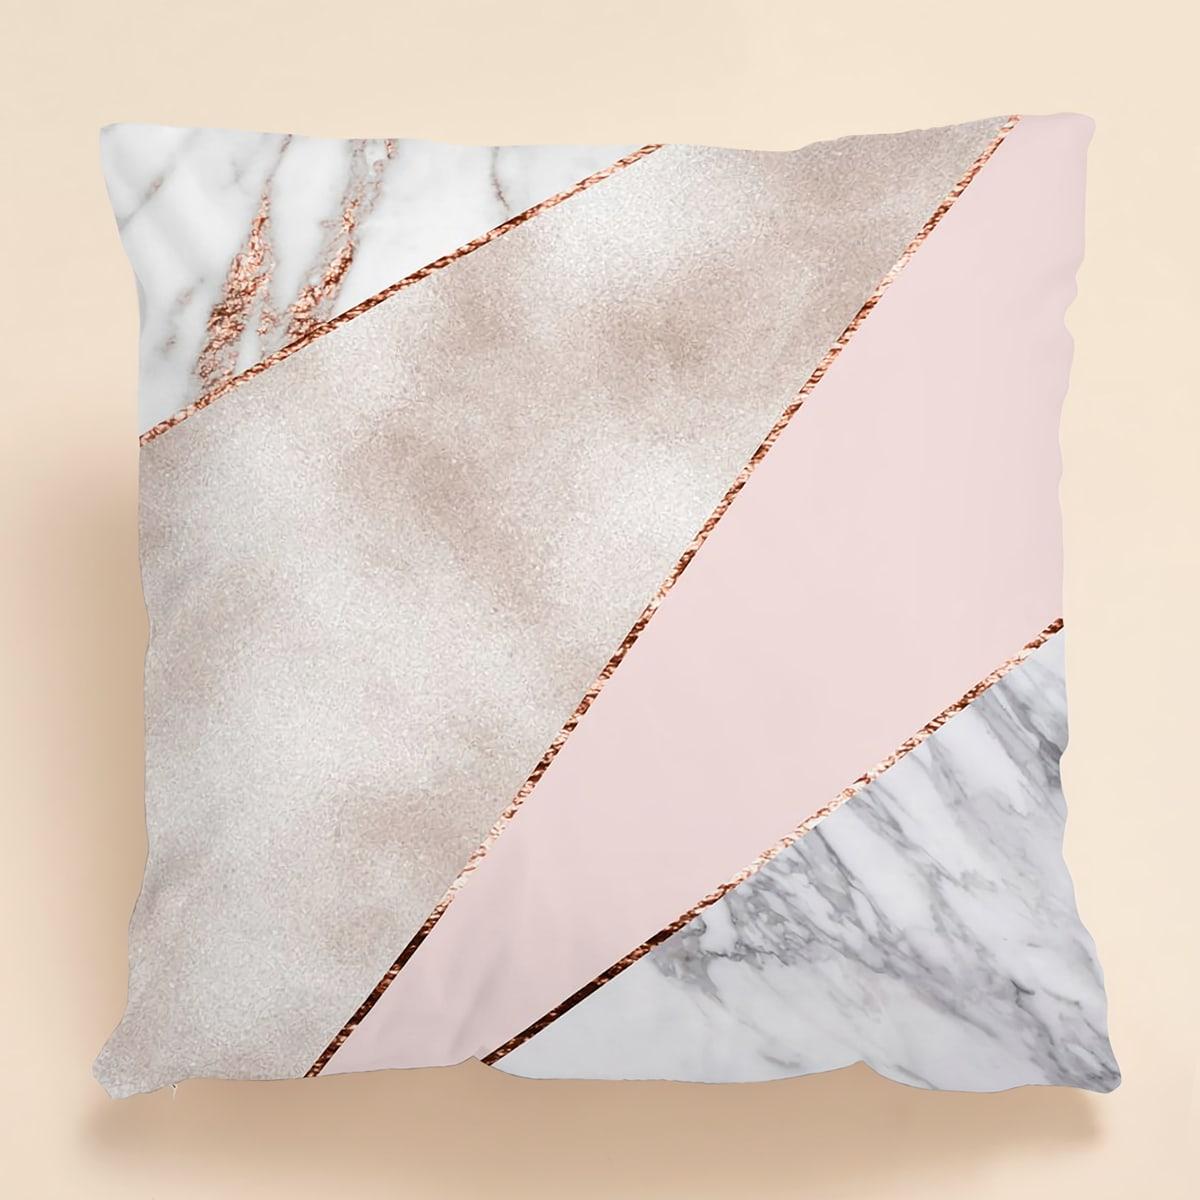 Kissenbezug mit Marmor Muster ohne Fülle